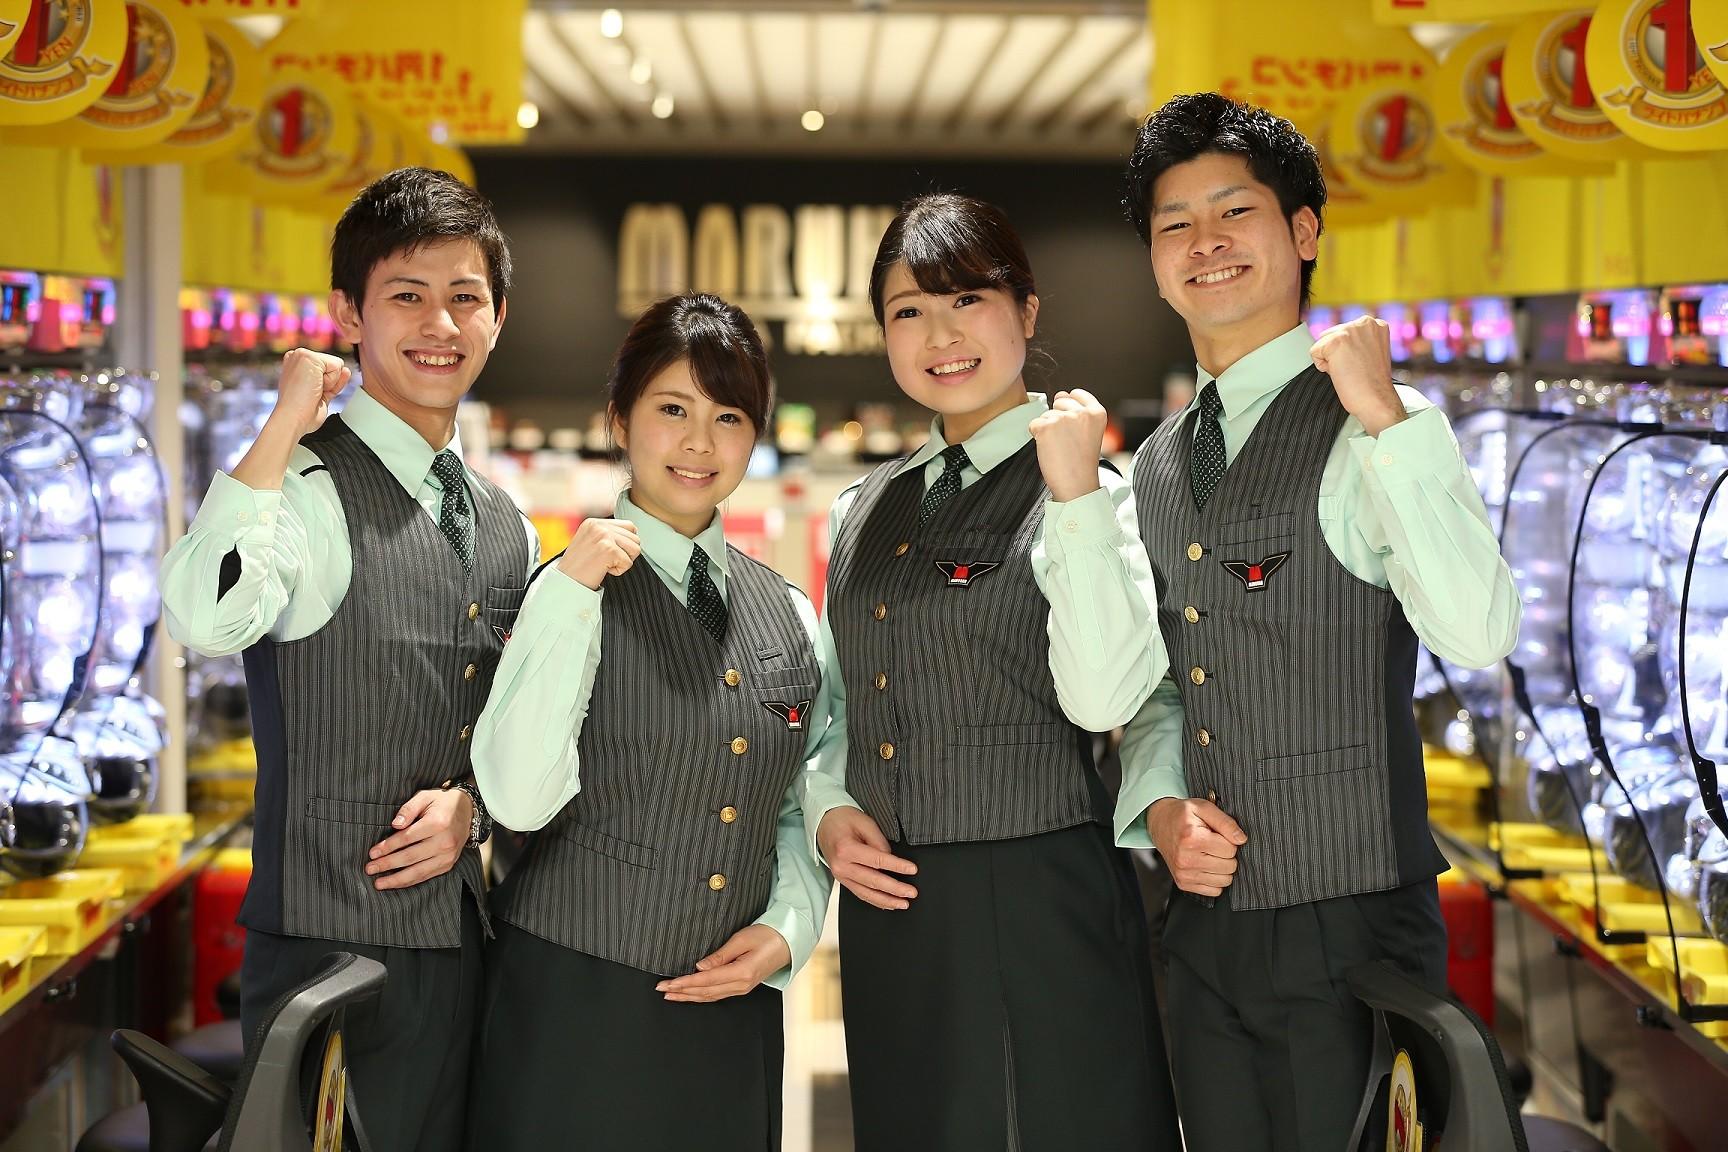 マルハン 丸亀店[3701]のアルバイト情報